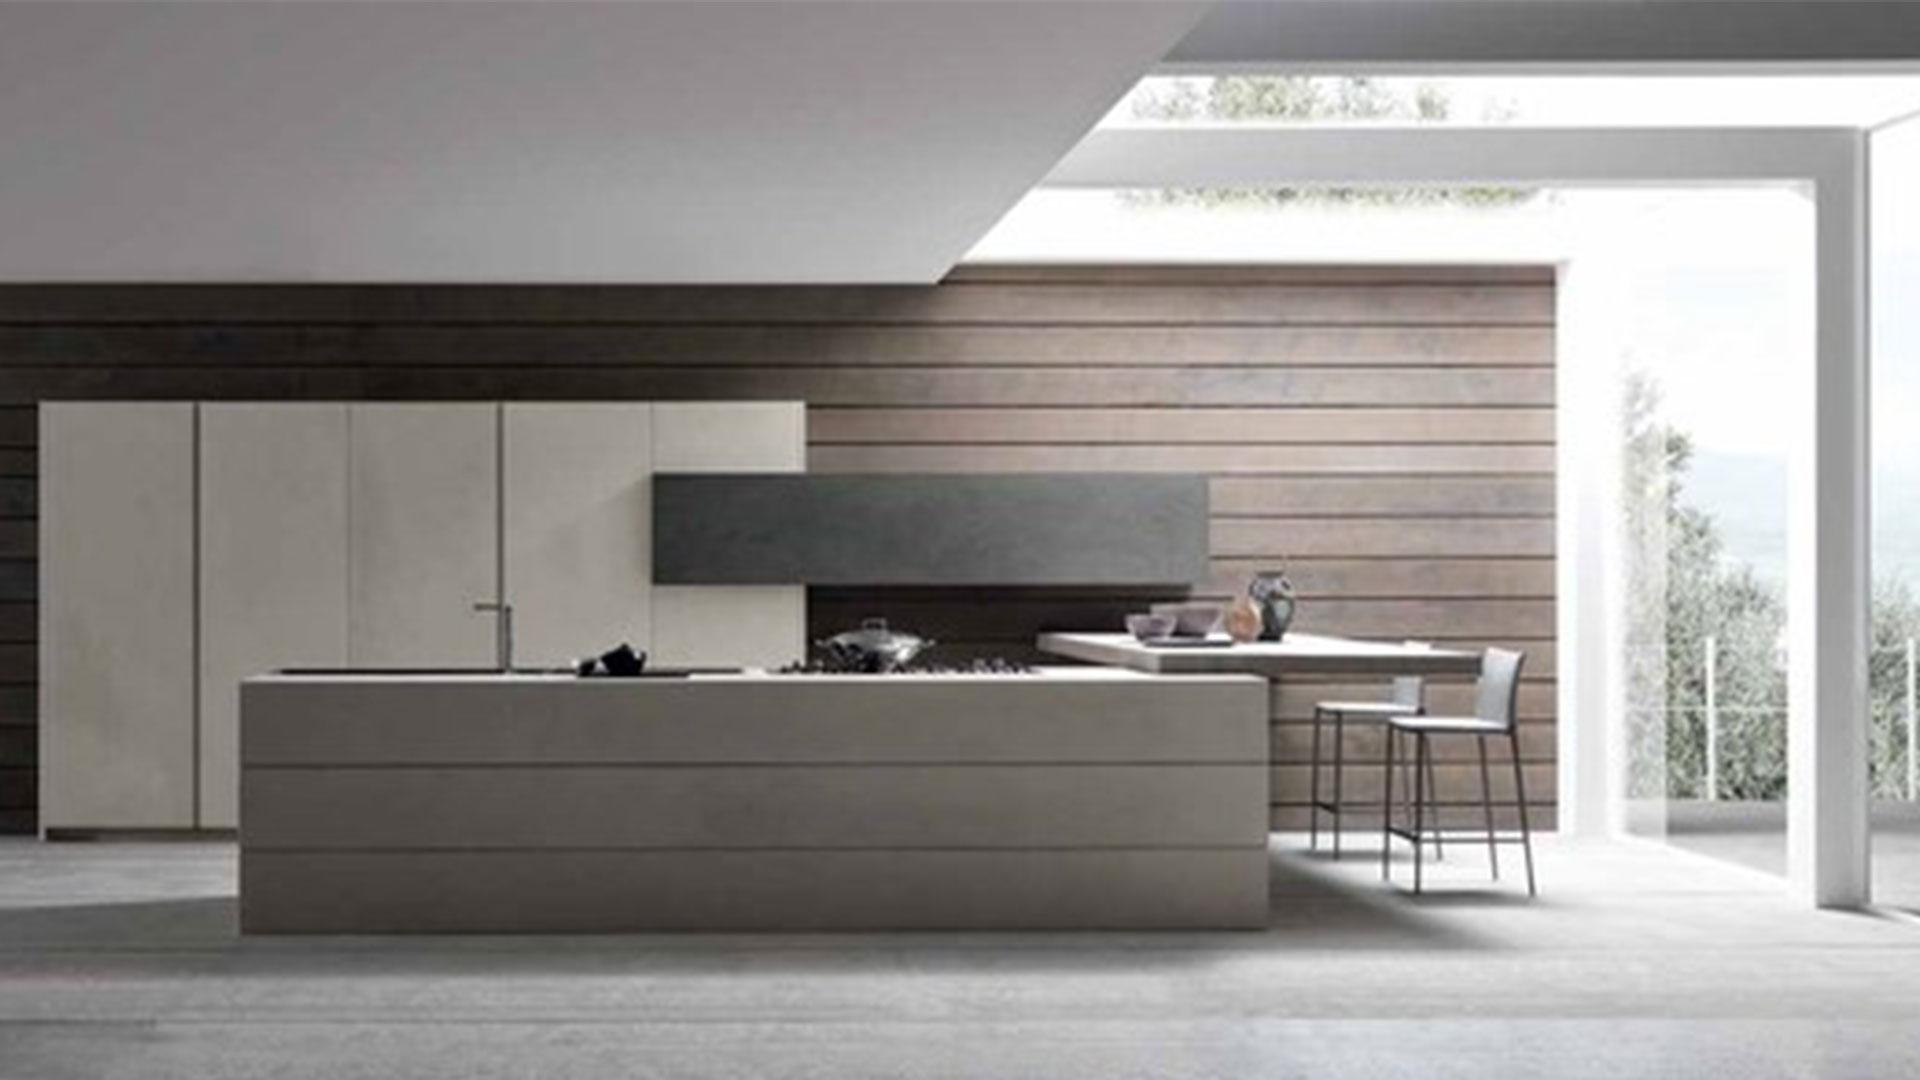 kitchen ideas wood cabinet contemporary style galley kitchen stephanie wohlner tags kitchen design kitchen cabinet comment